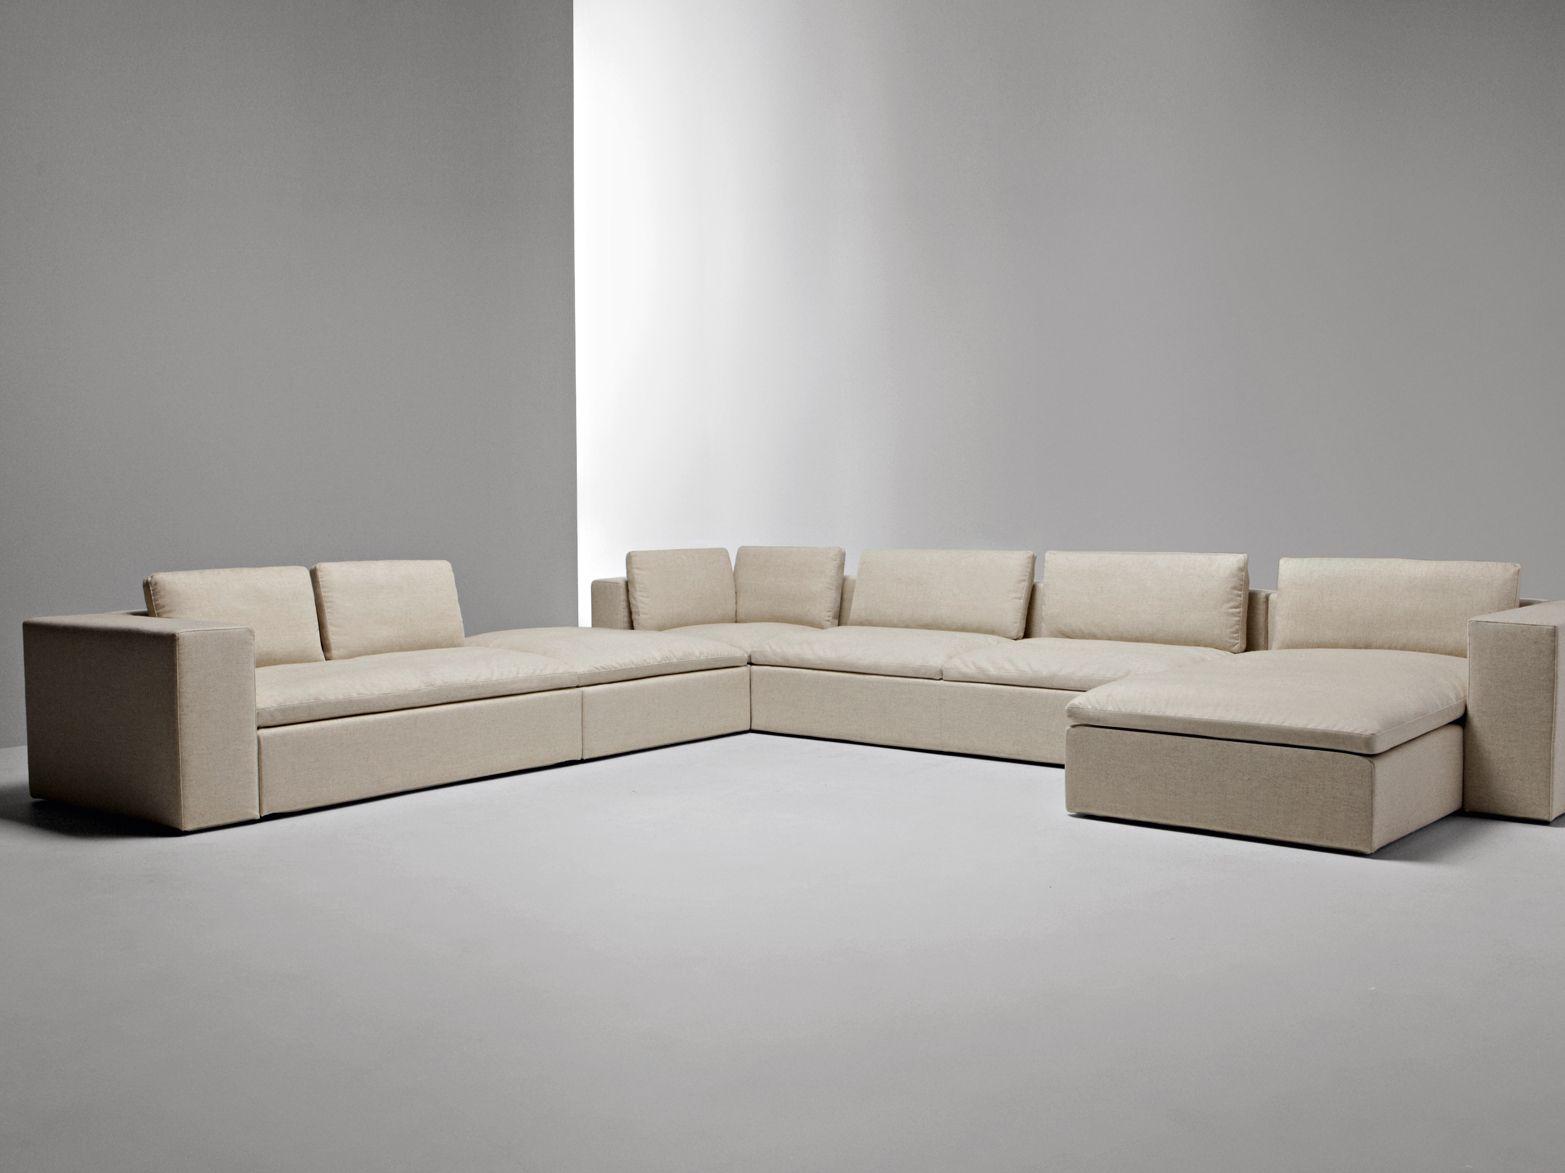 Puzzle Sofa Puzzle Corner Sofa By La Cividina Design Fulvio Bulfoni